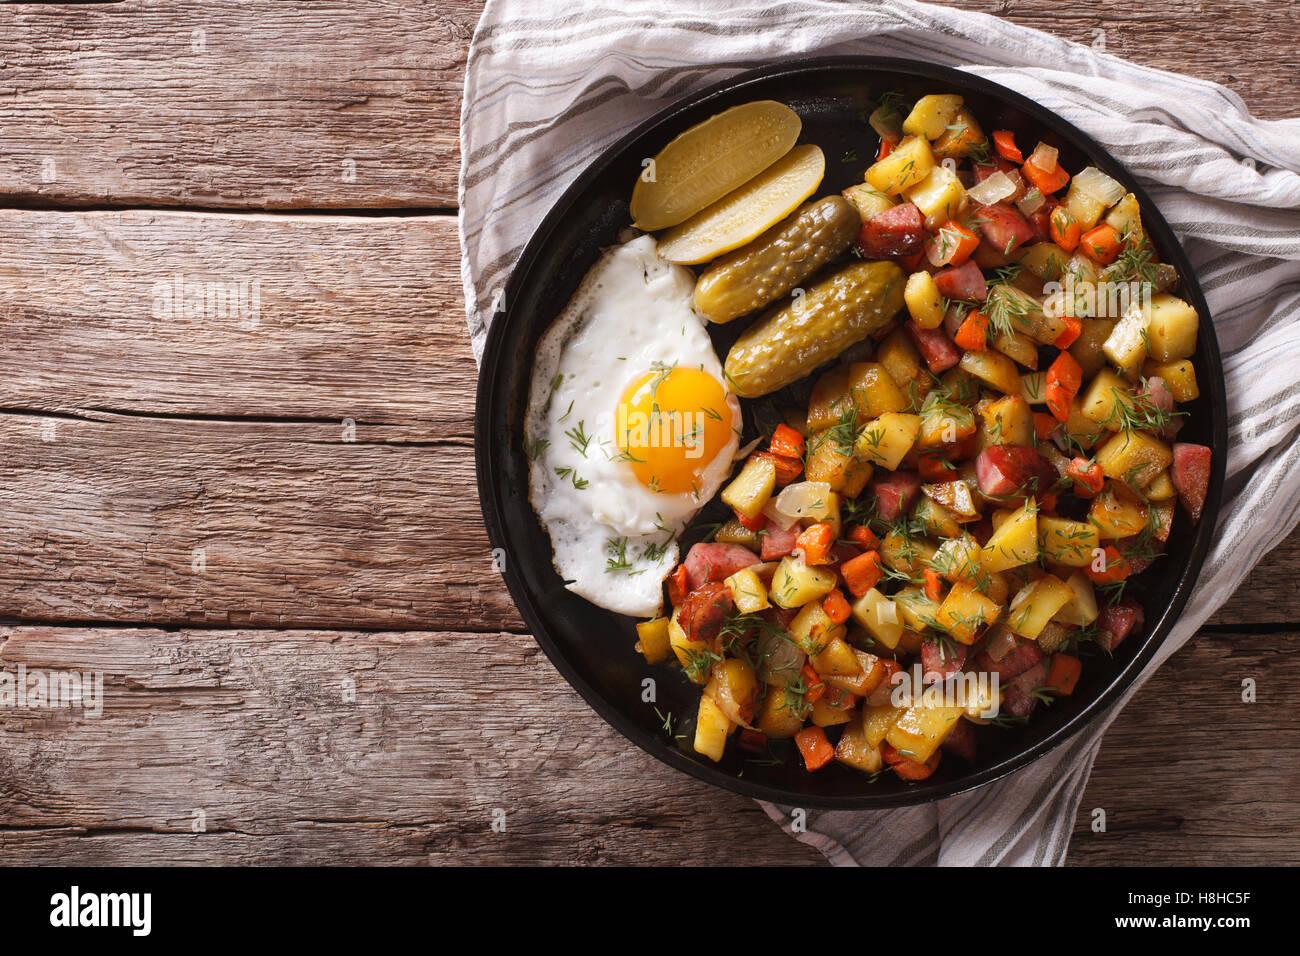 Finnisches Essen Pyttipannu: Bratkartoffeln mit Würstchen, Eiern und Gurken Nahaufnahme auf einer Platte. Horizontale Stockfoto